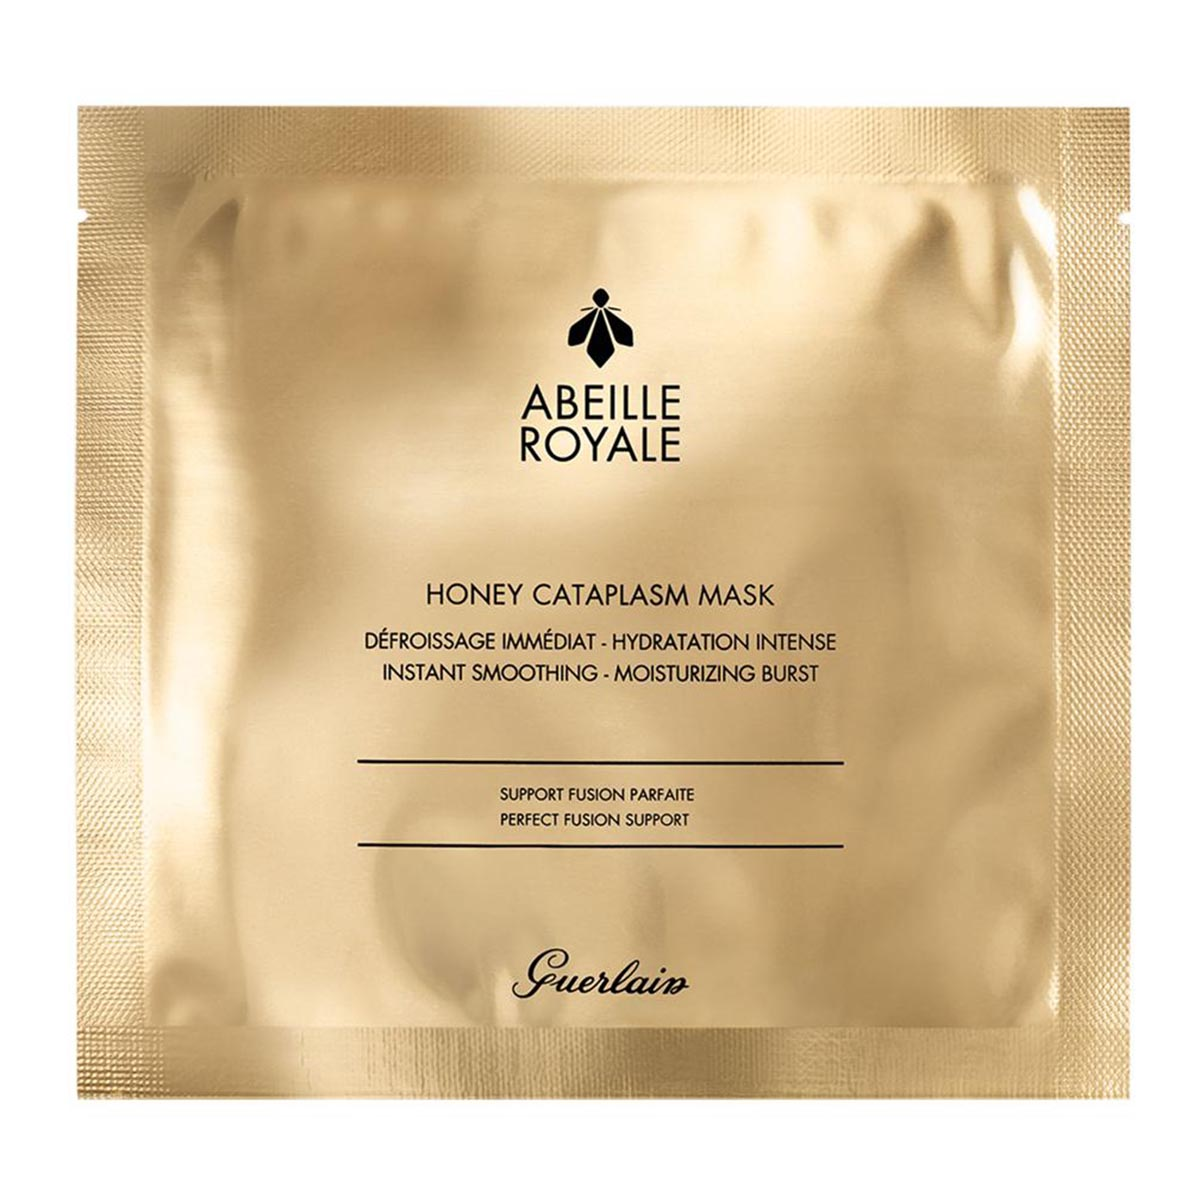 Guerlain abeille royale honey cataplasm mask 4u